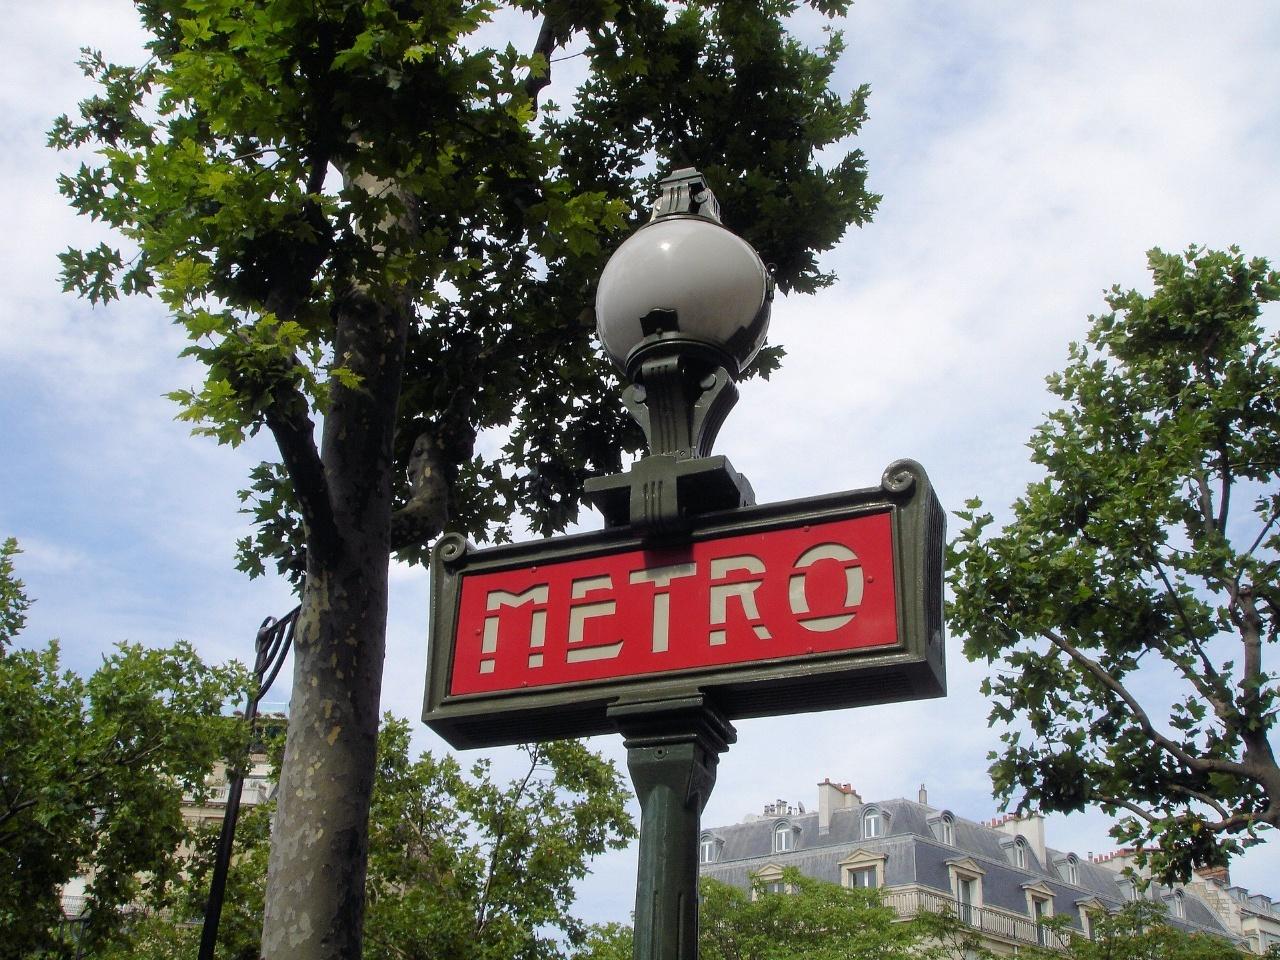 paris-metro-transport